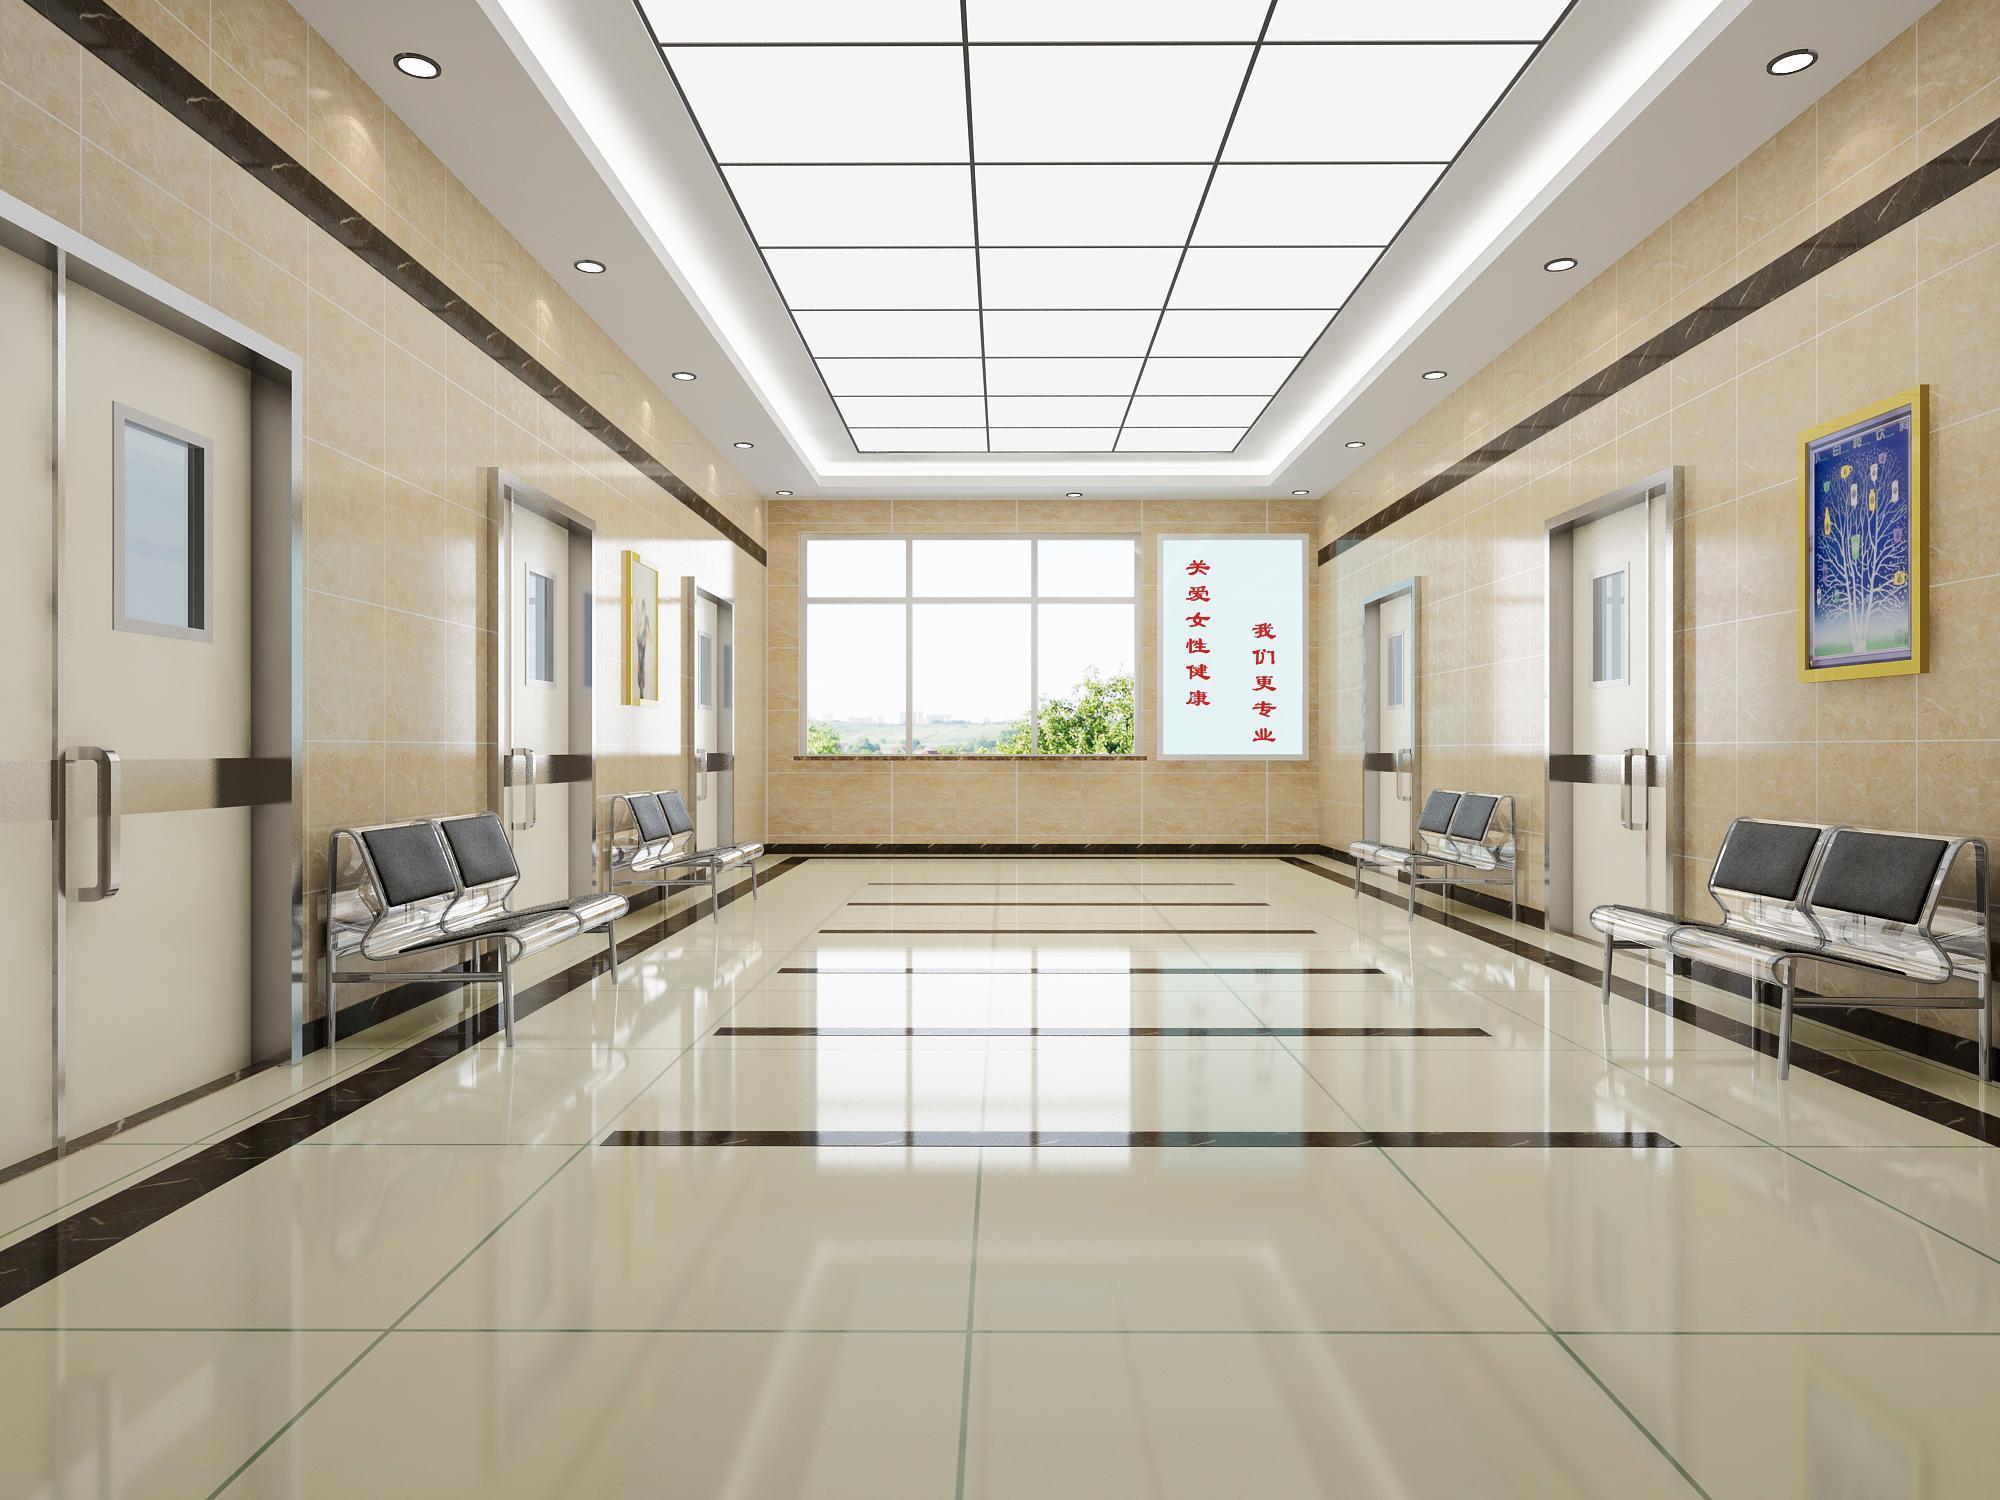 重庆医院装修时墙面装修需要注意的问题